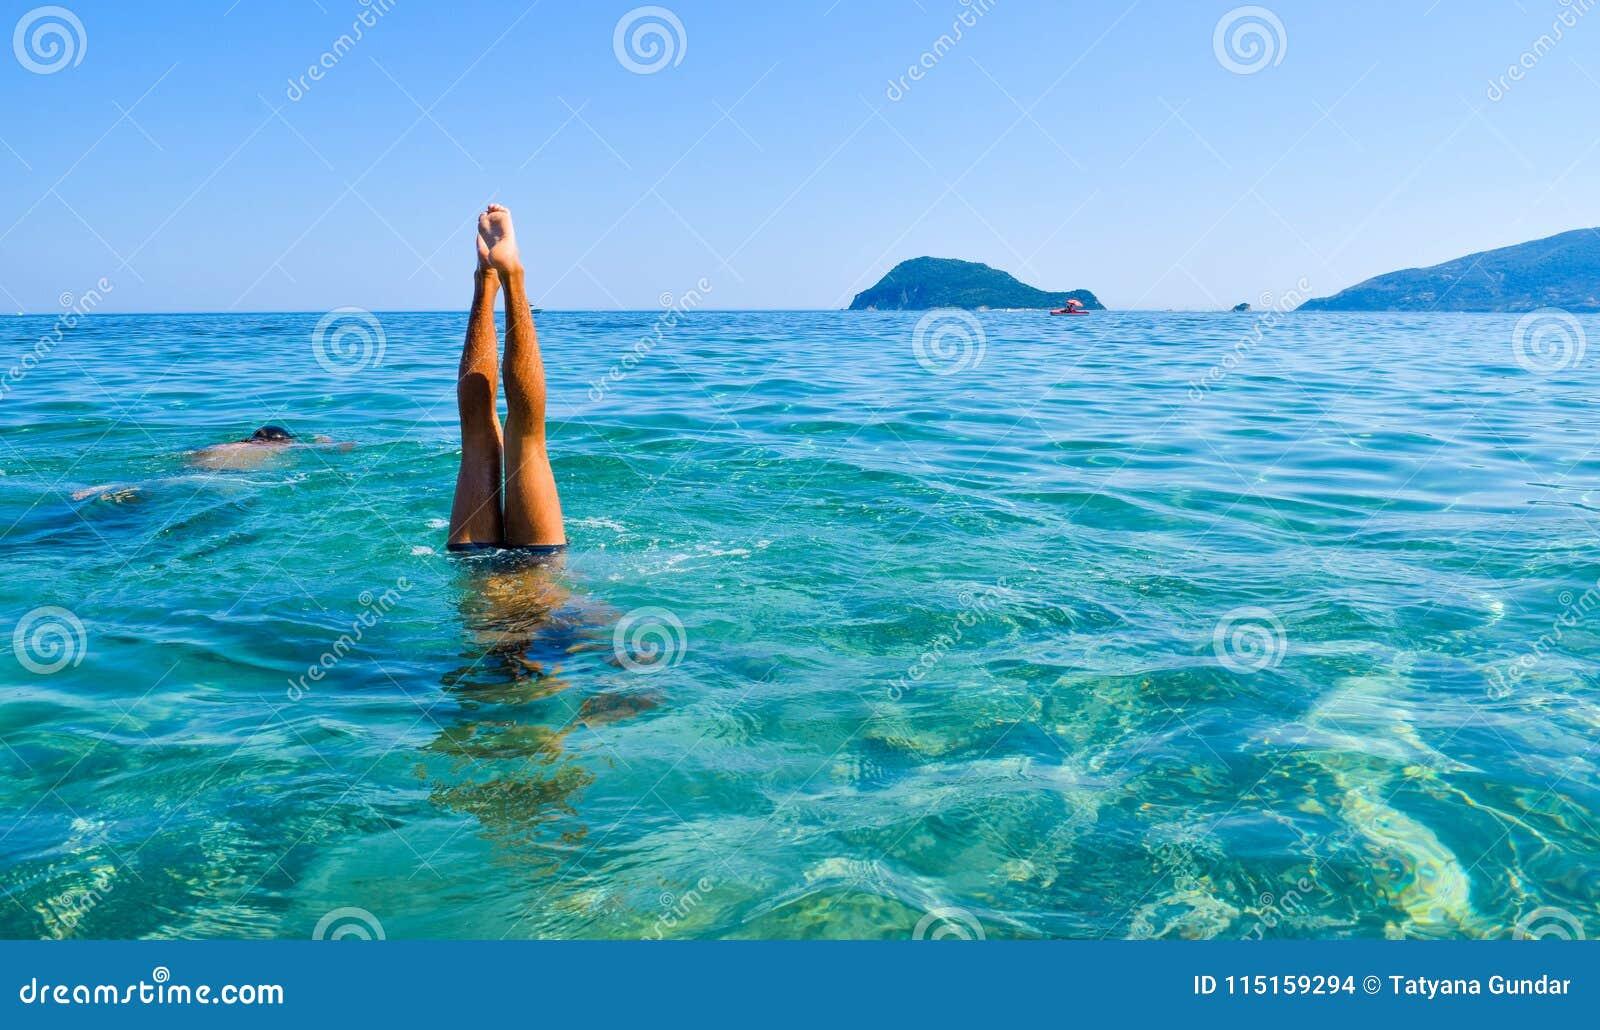 Dive into the sea.